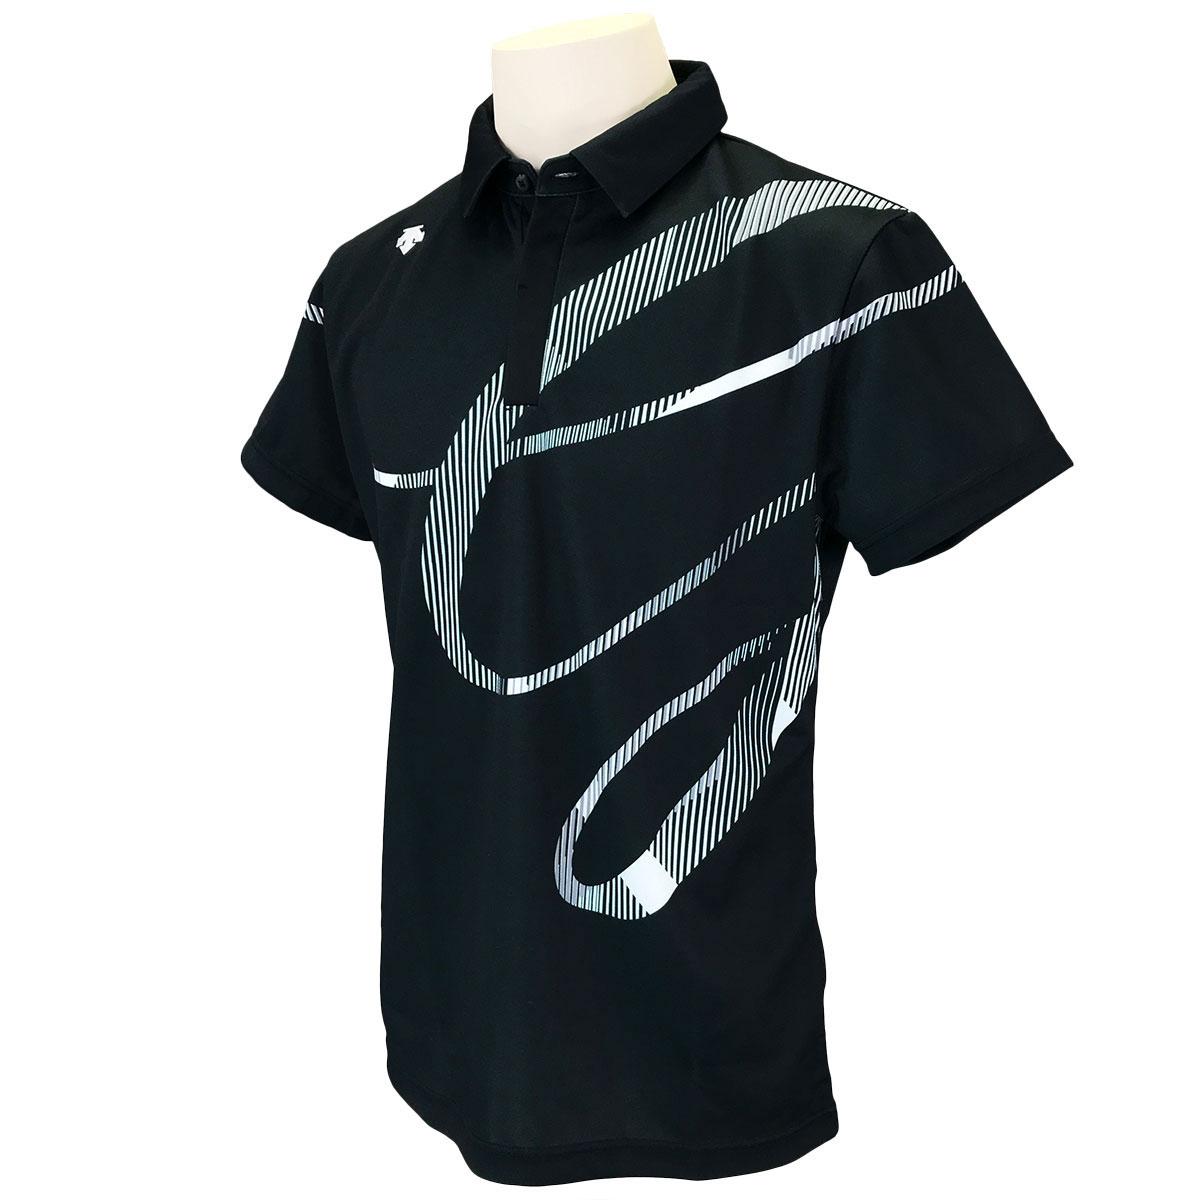 ECOダブルニット鹿の子 パネルプリント半袖ポロシャツ